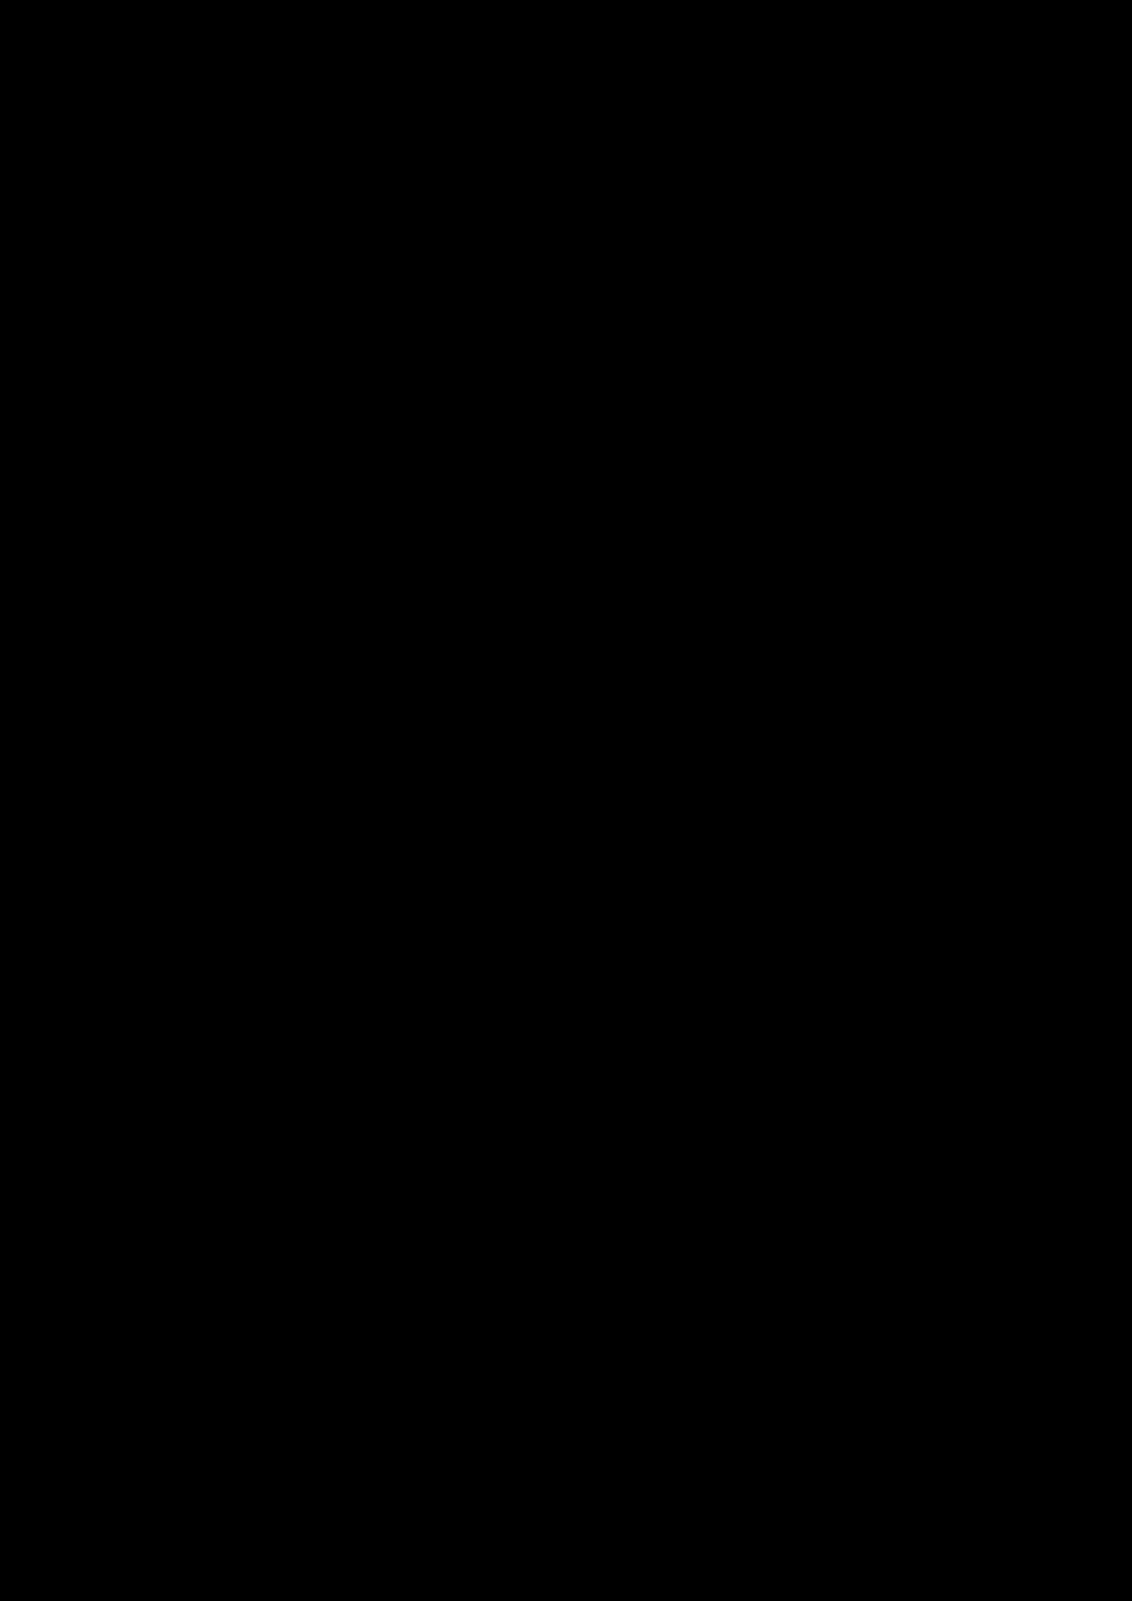 Prolog slide, Image 11